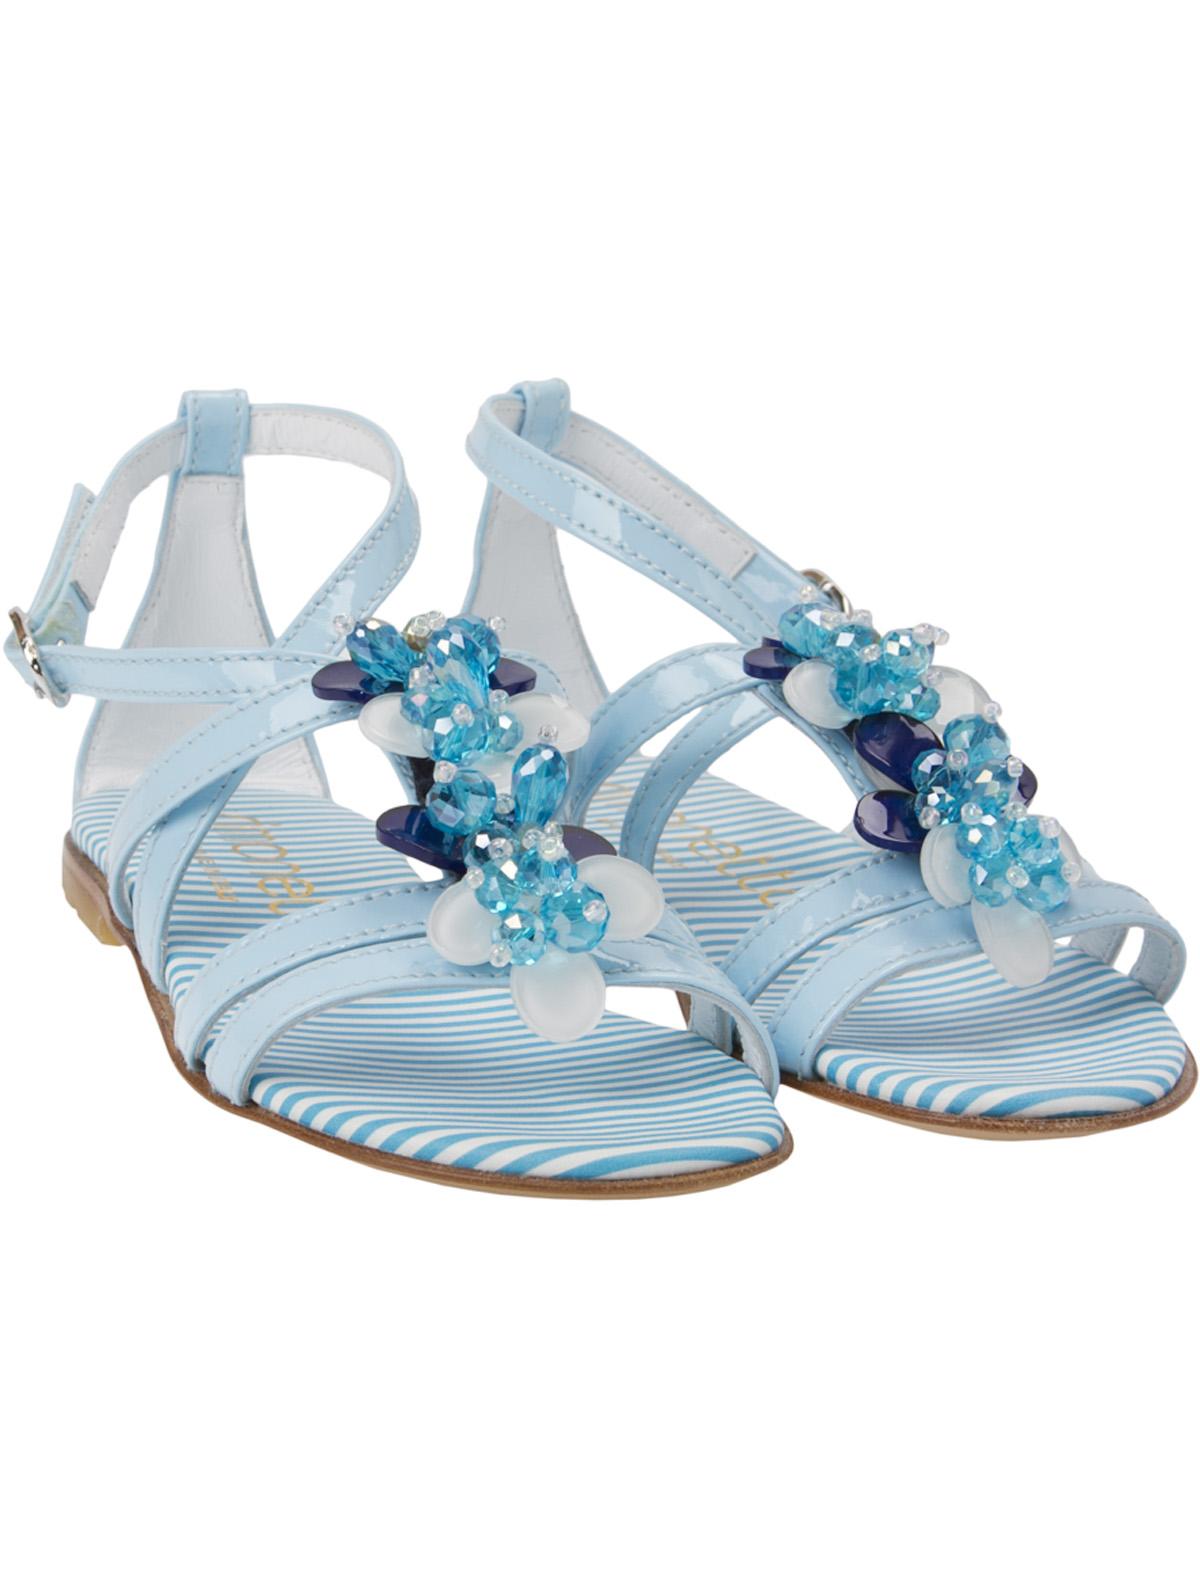 Босоножки Simonetta голубого цвета